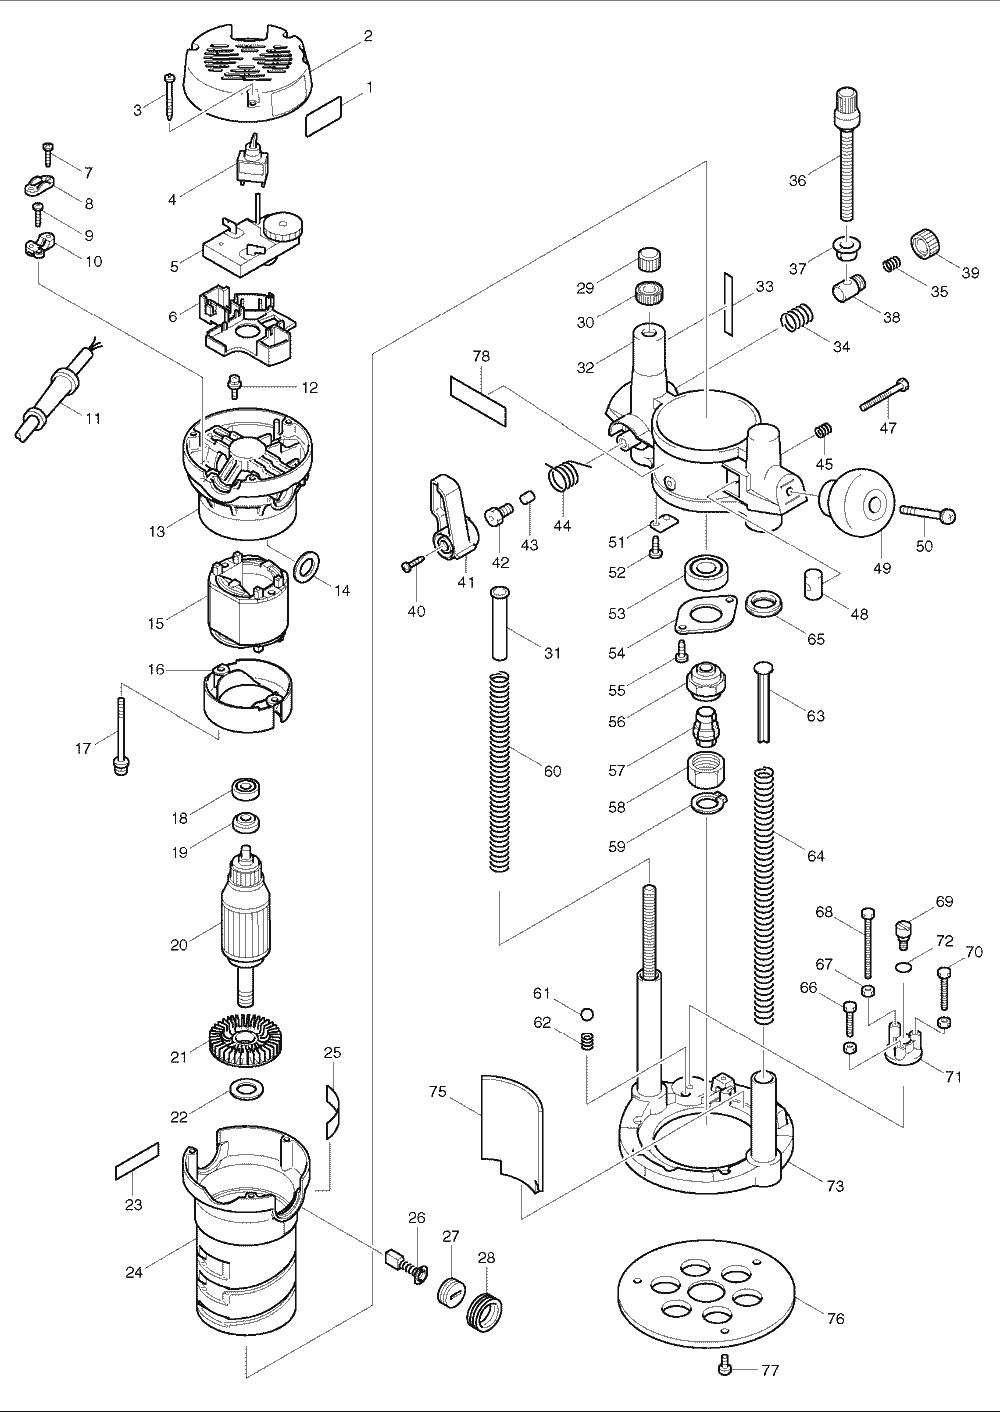 sawstop wiring diagram